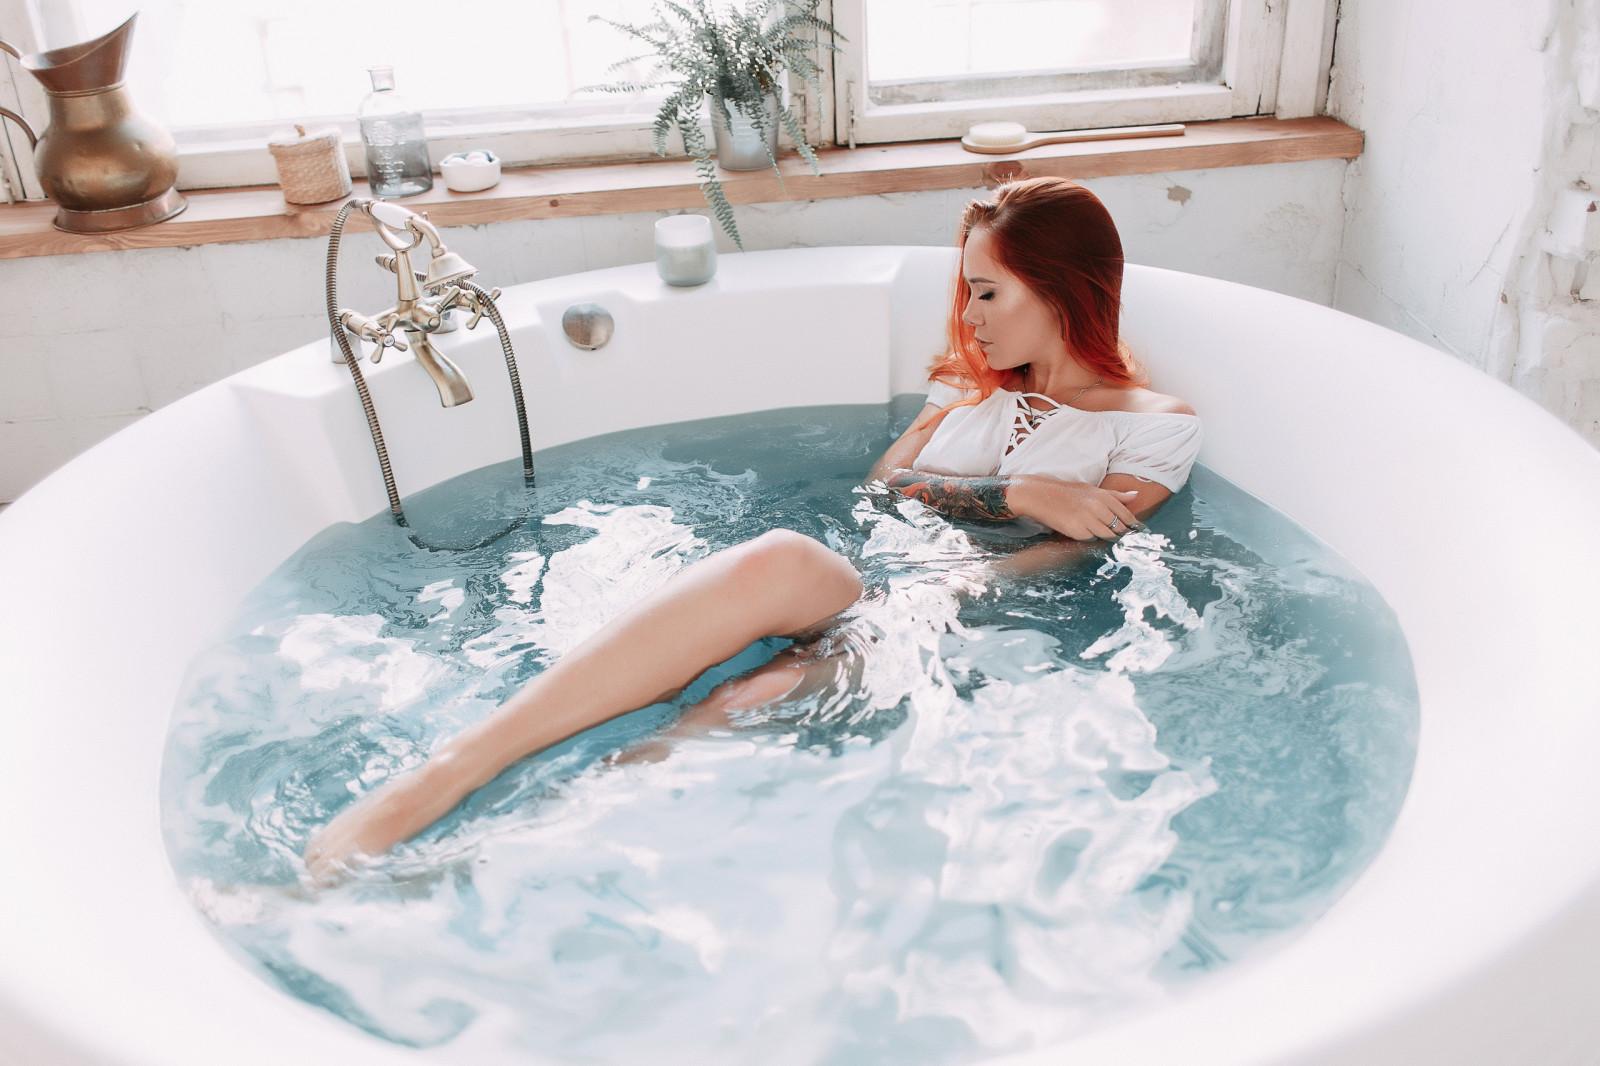 Секс студентов в ванной рыжая, трахаться в пещере